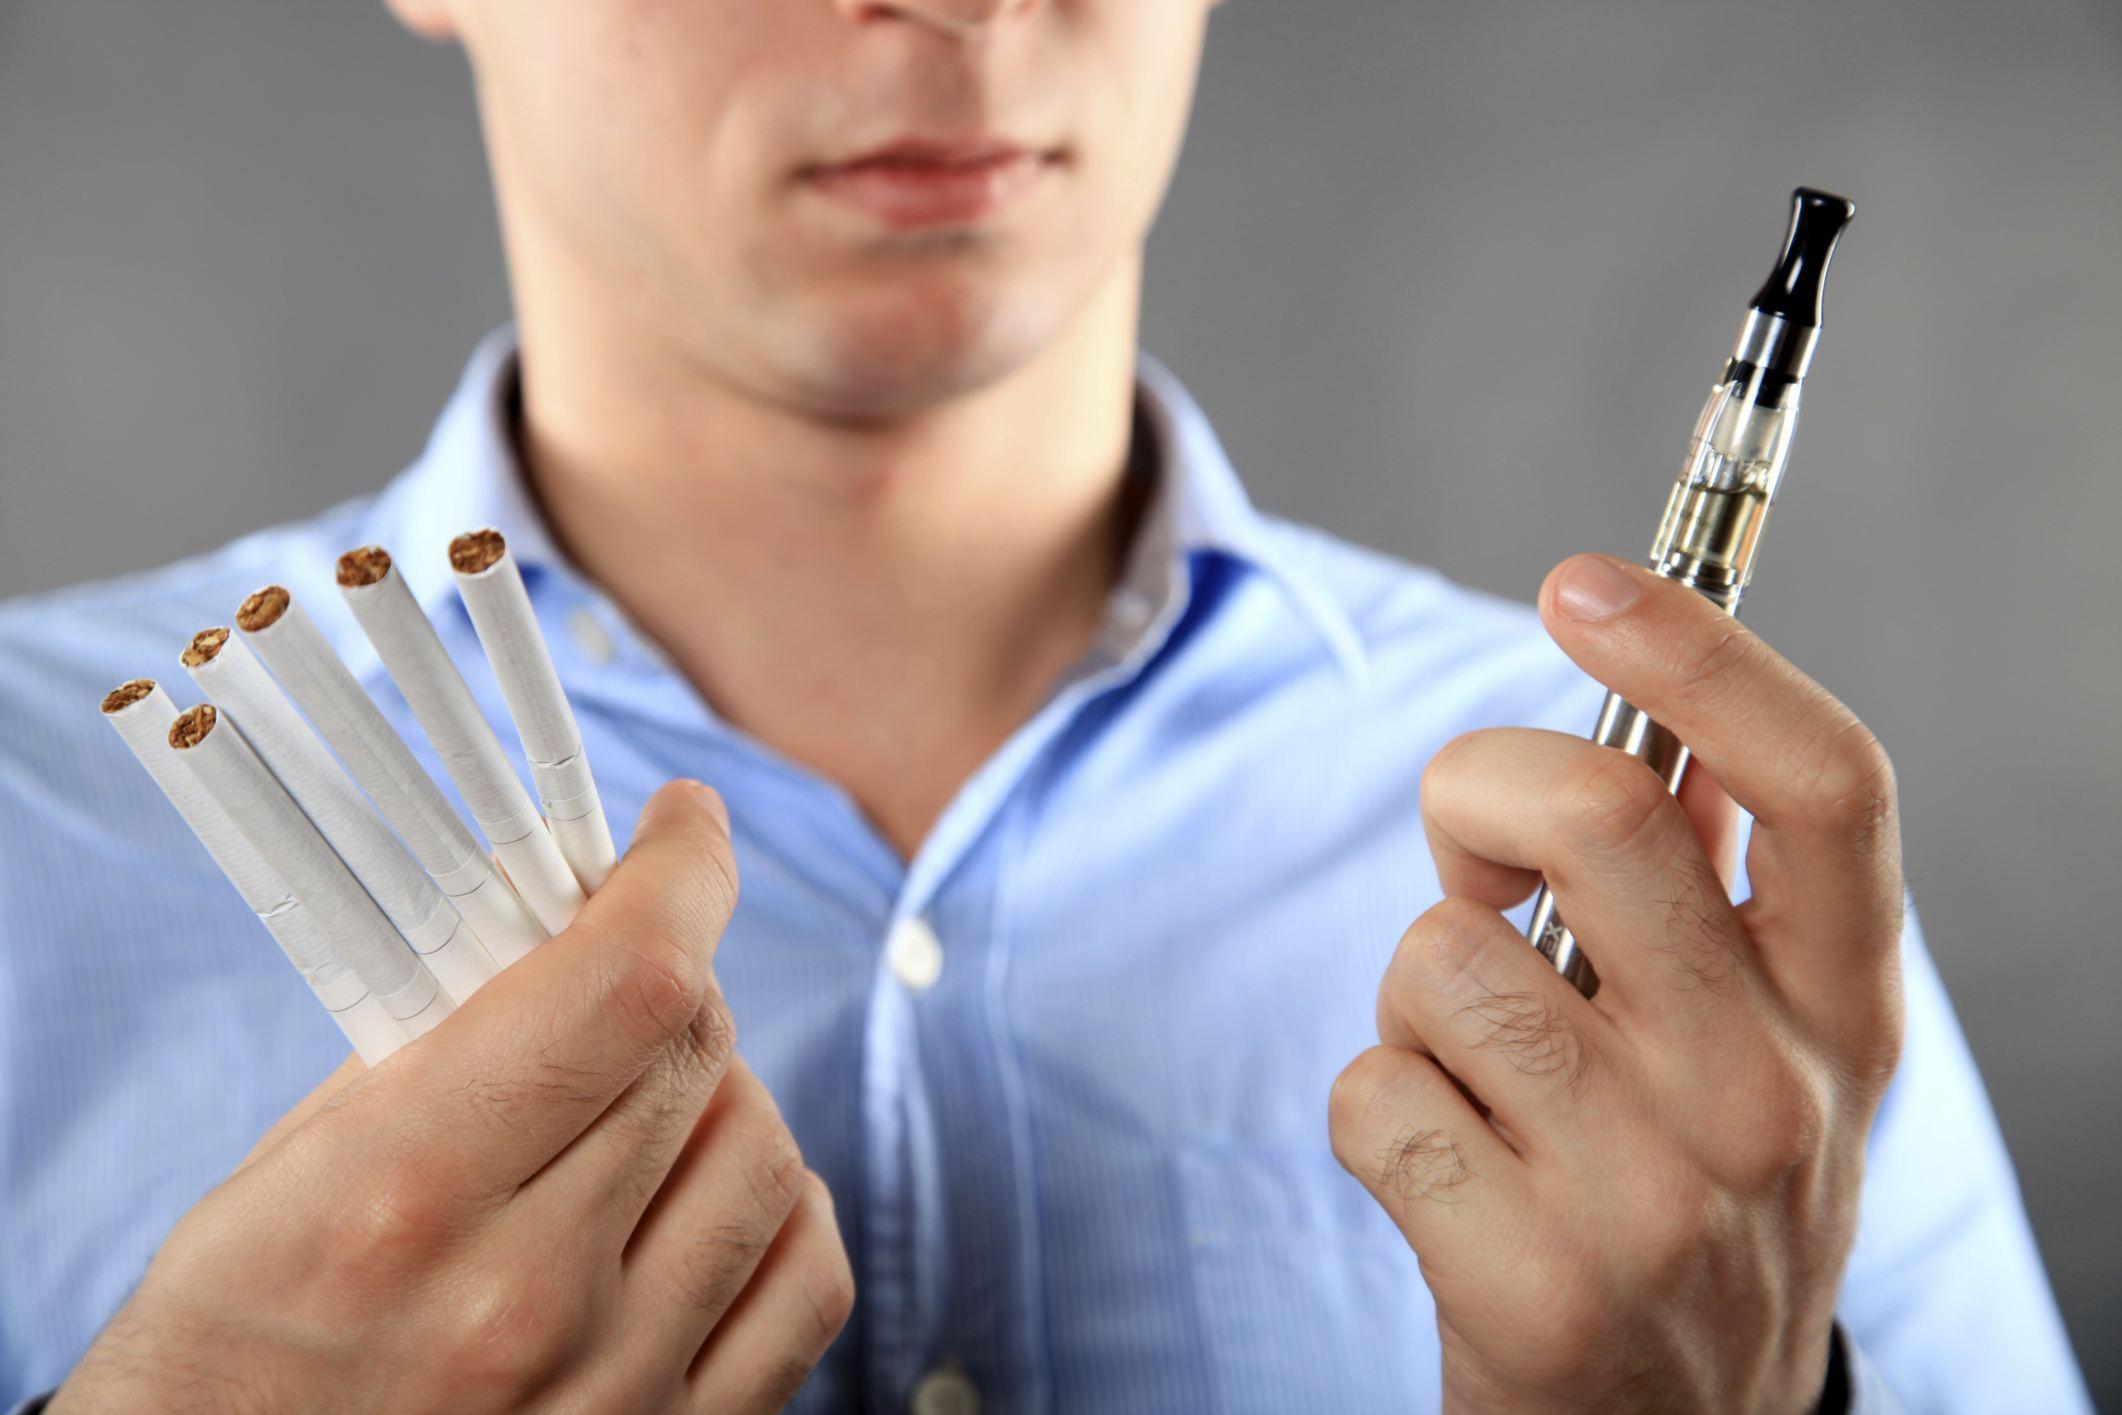 电子烟罗生门:本为帮成年人戒烟却让青少年沦陷